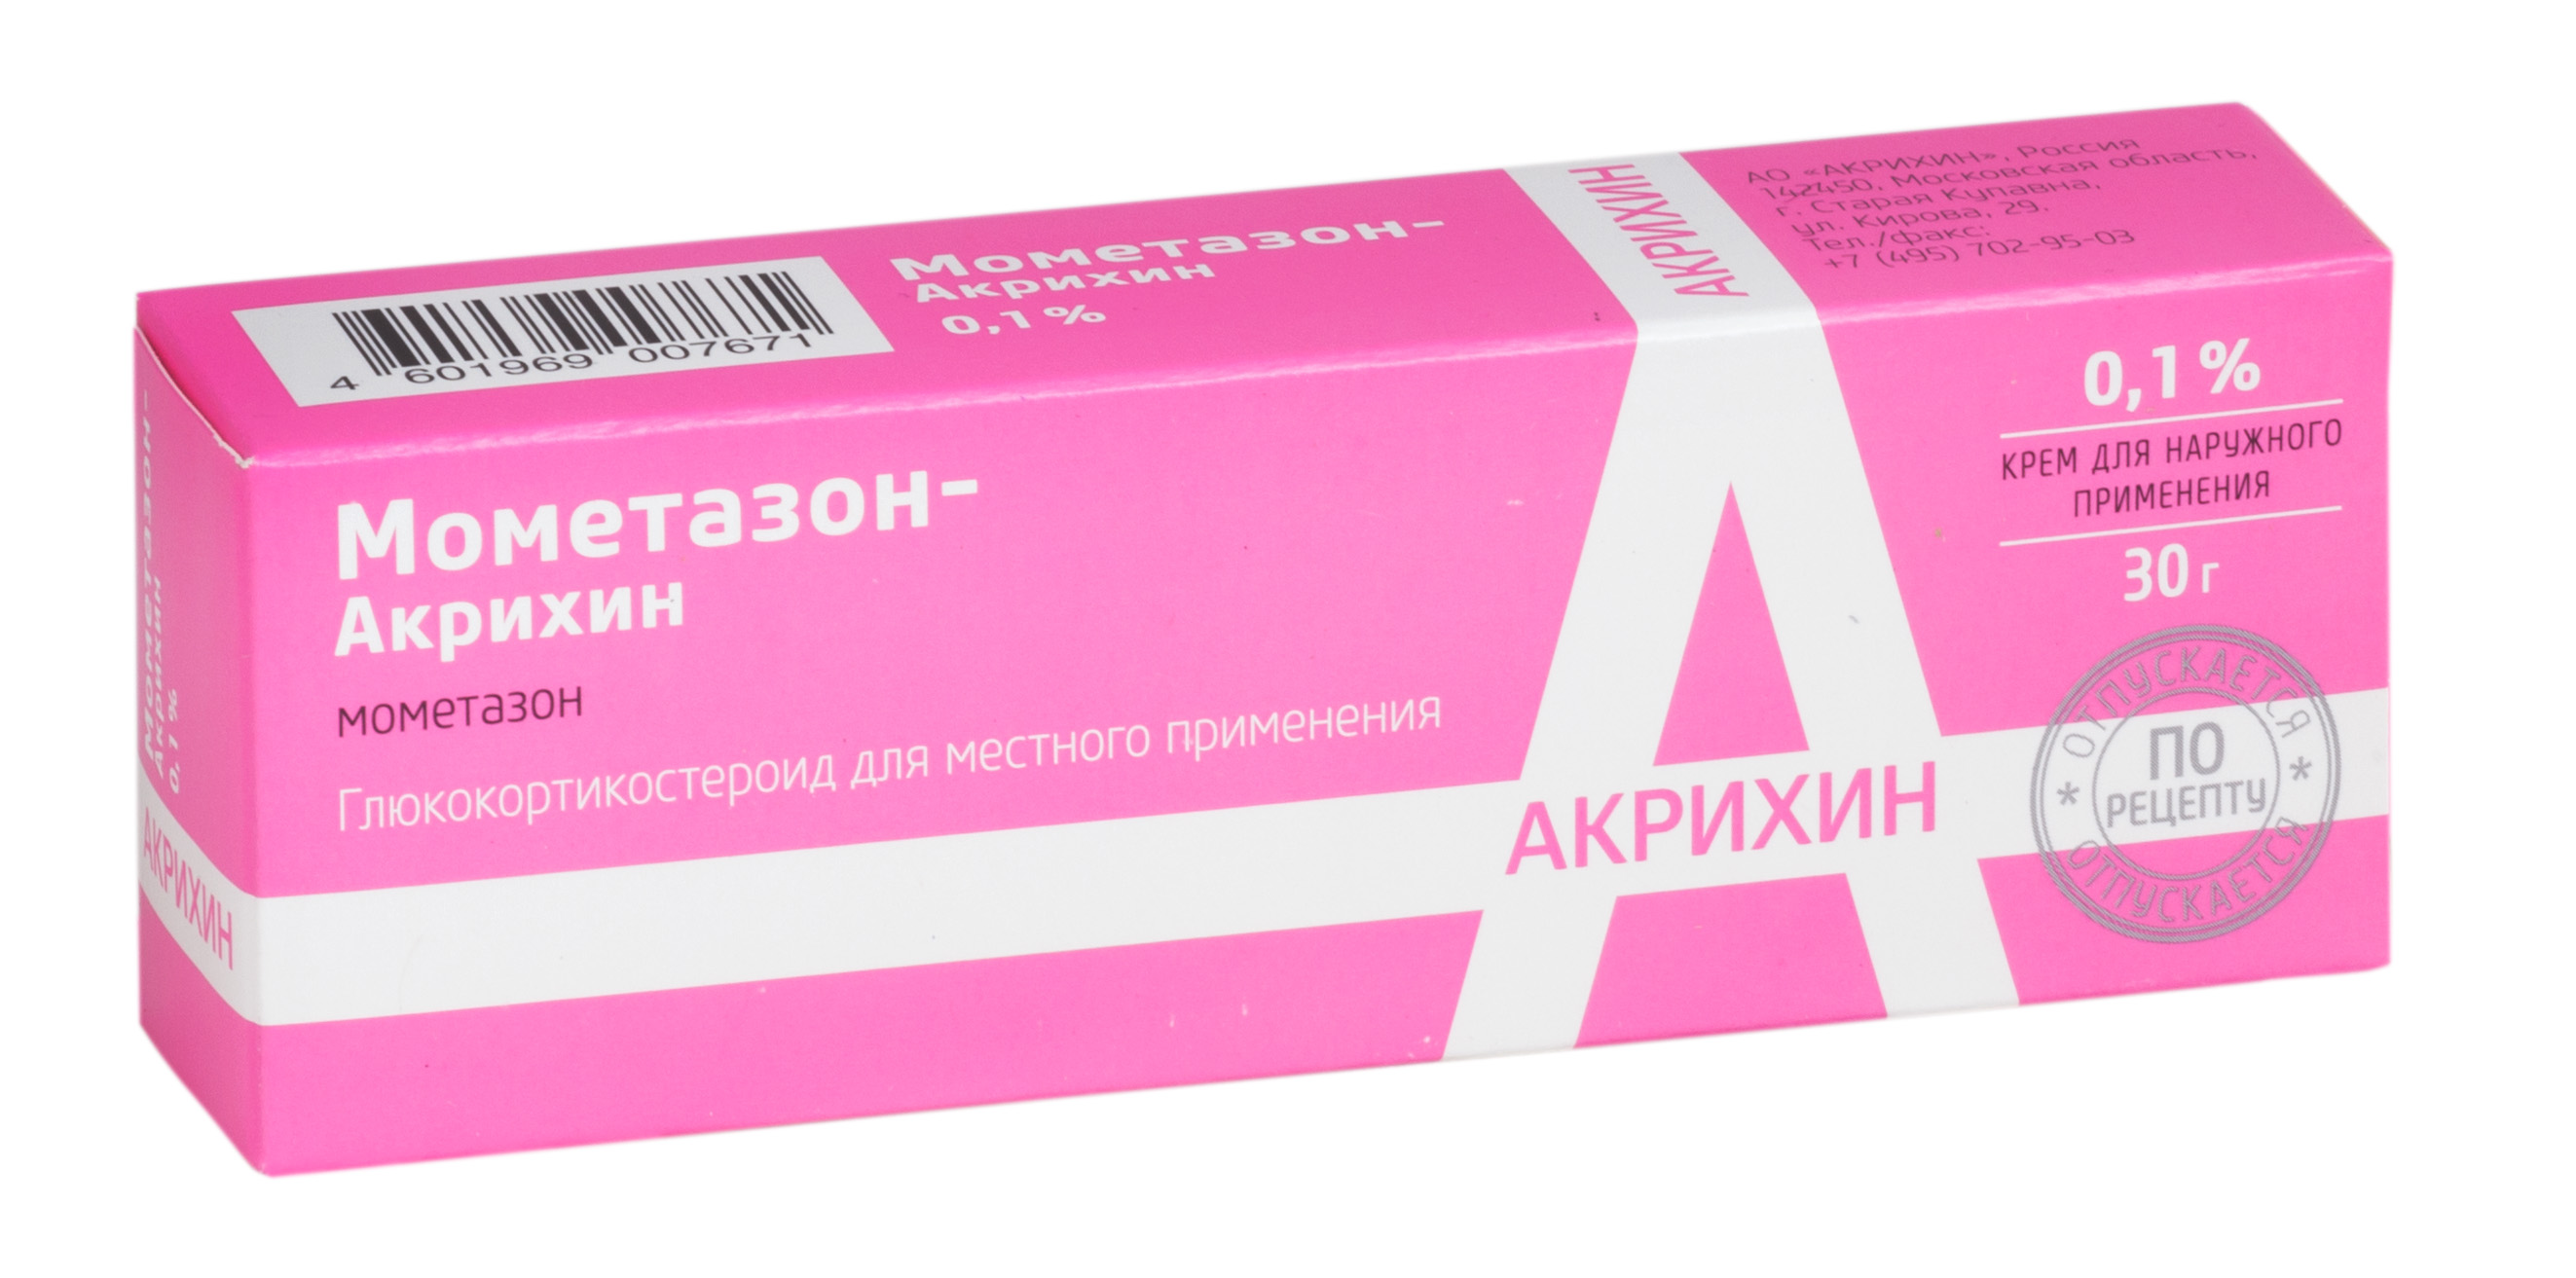 Мометазон-акрихин крем д/нар.прим. 0,1% туба 30г